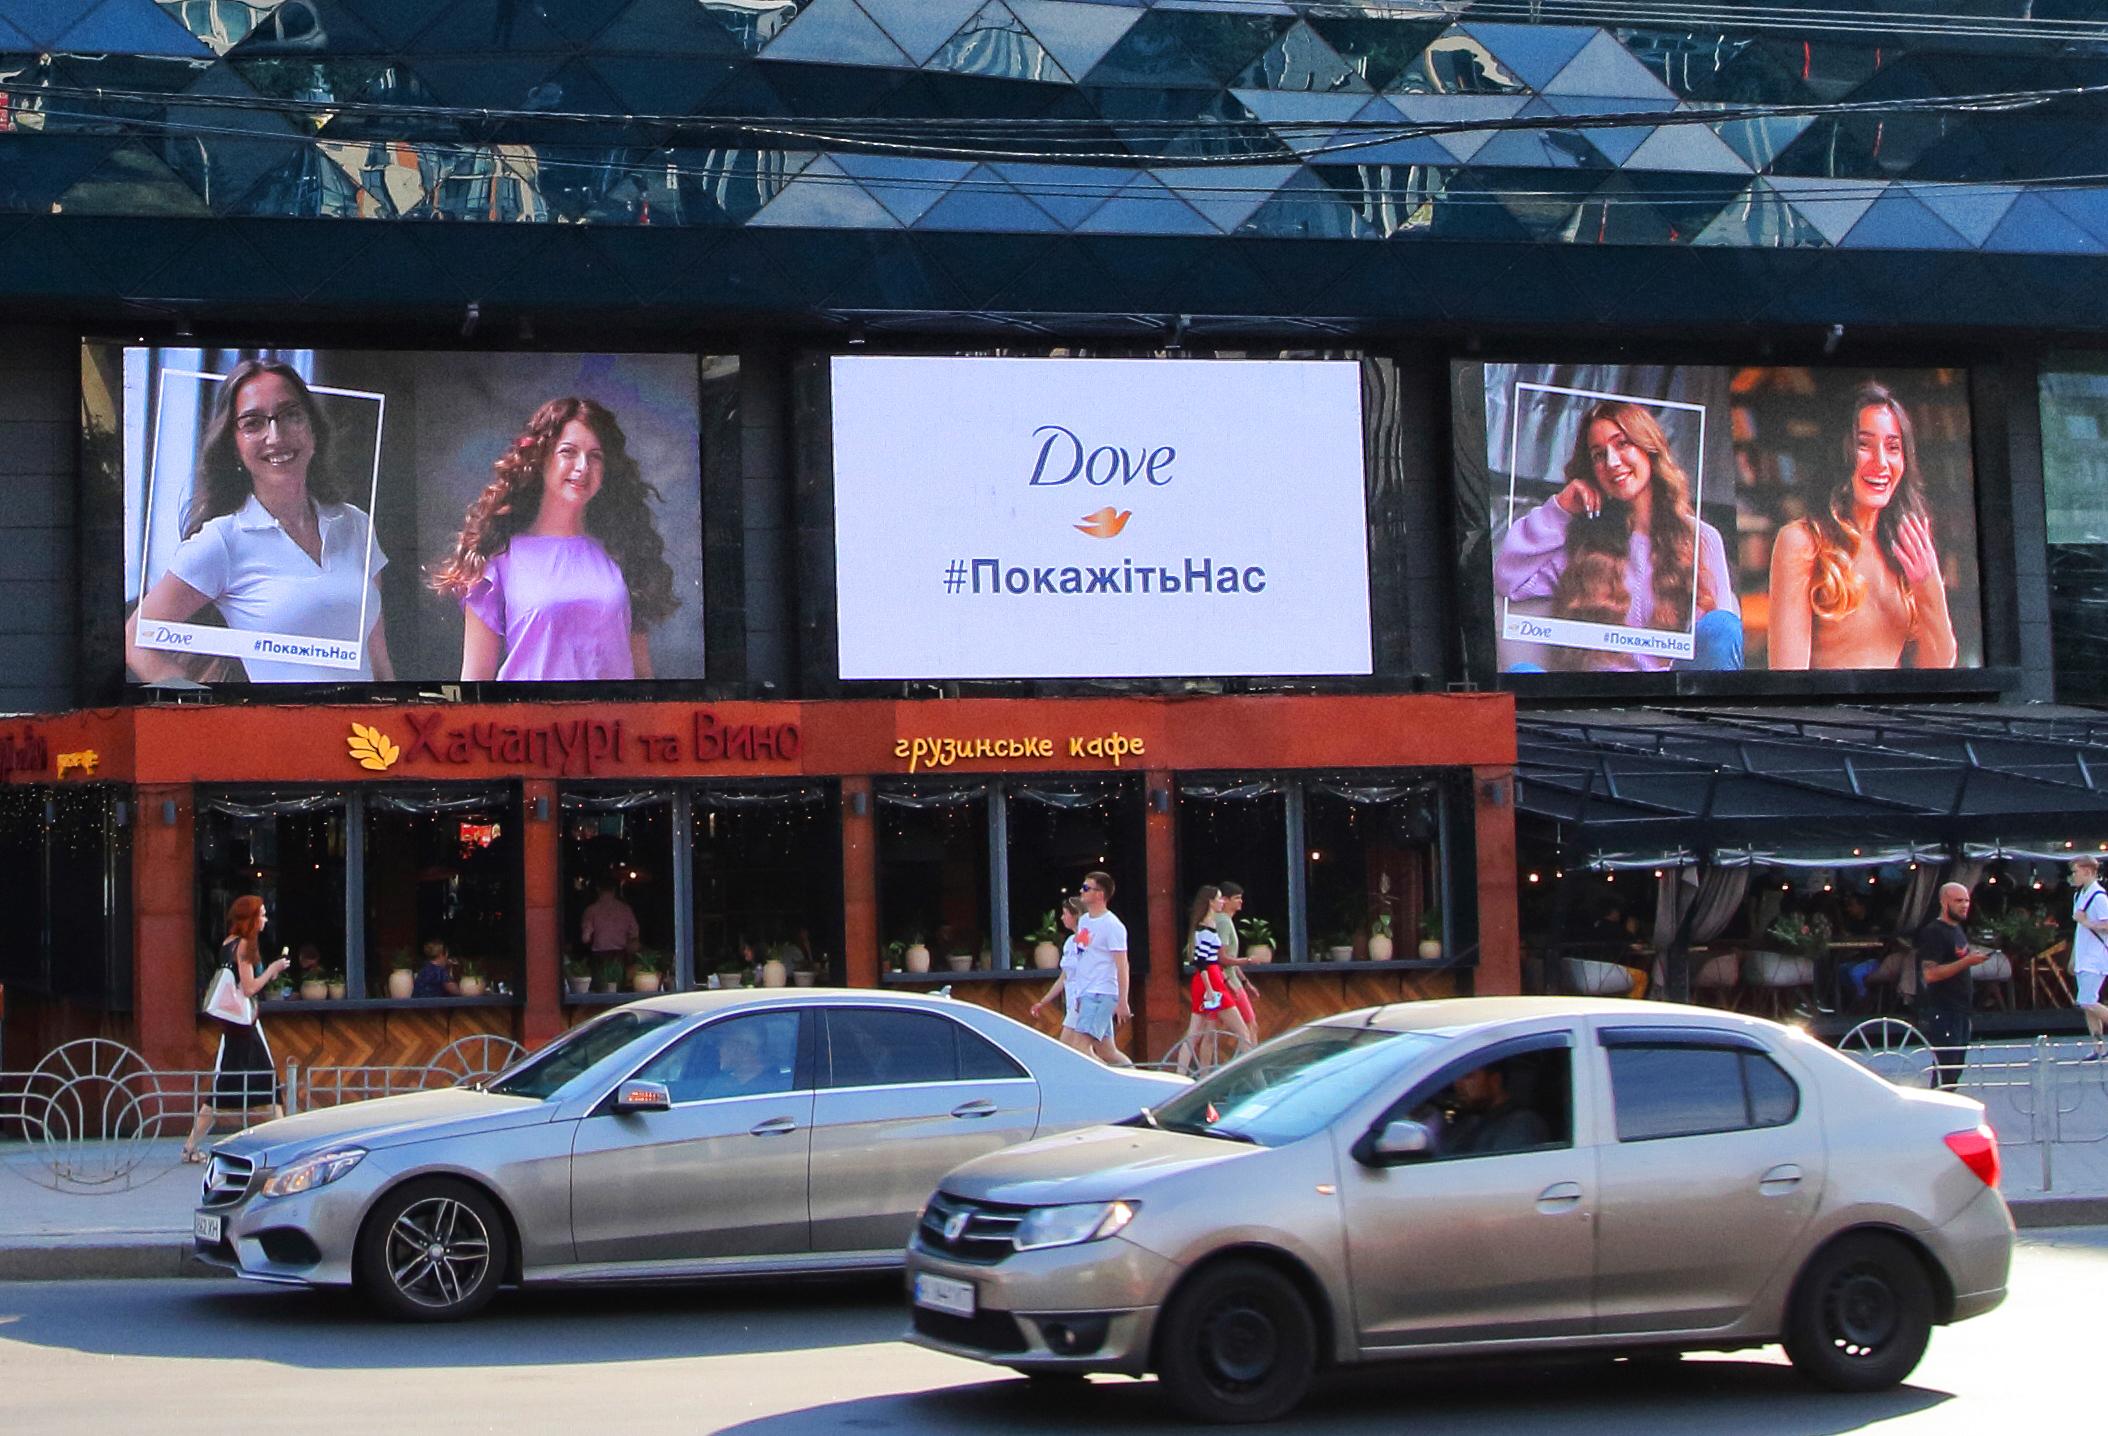 Dove запустил в Украине уникальный социальный проект #ПокажітьНас